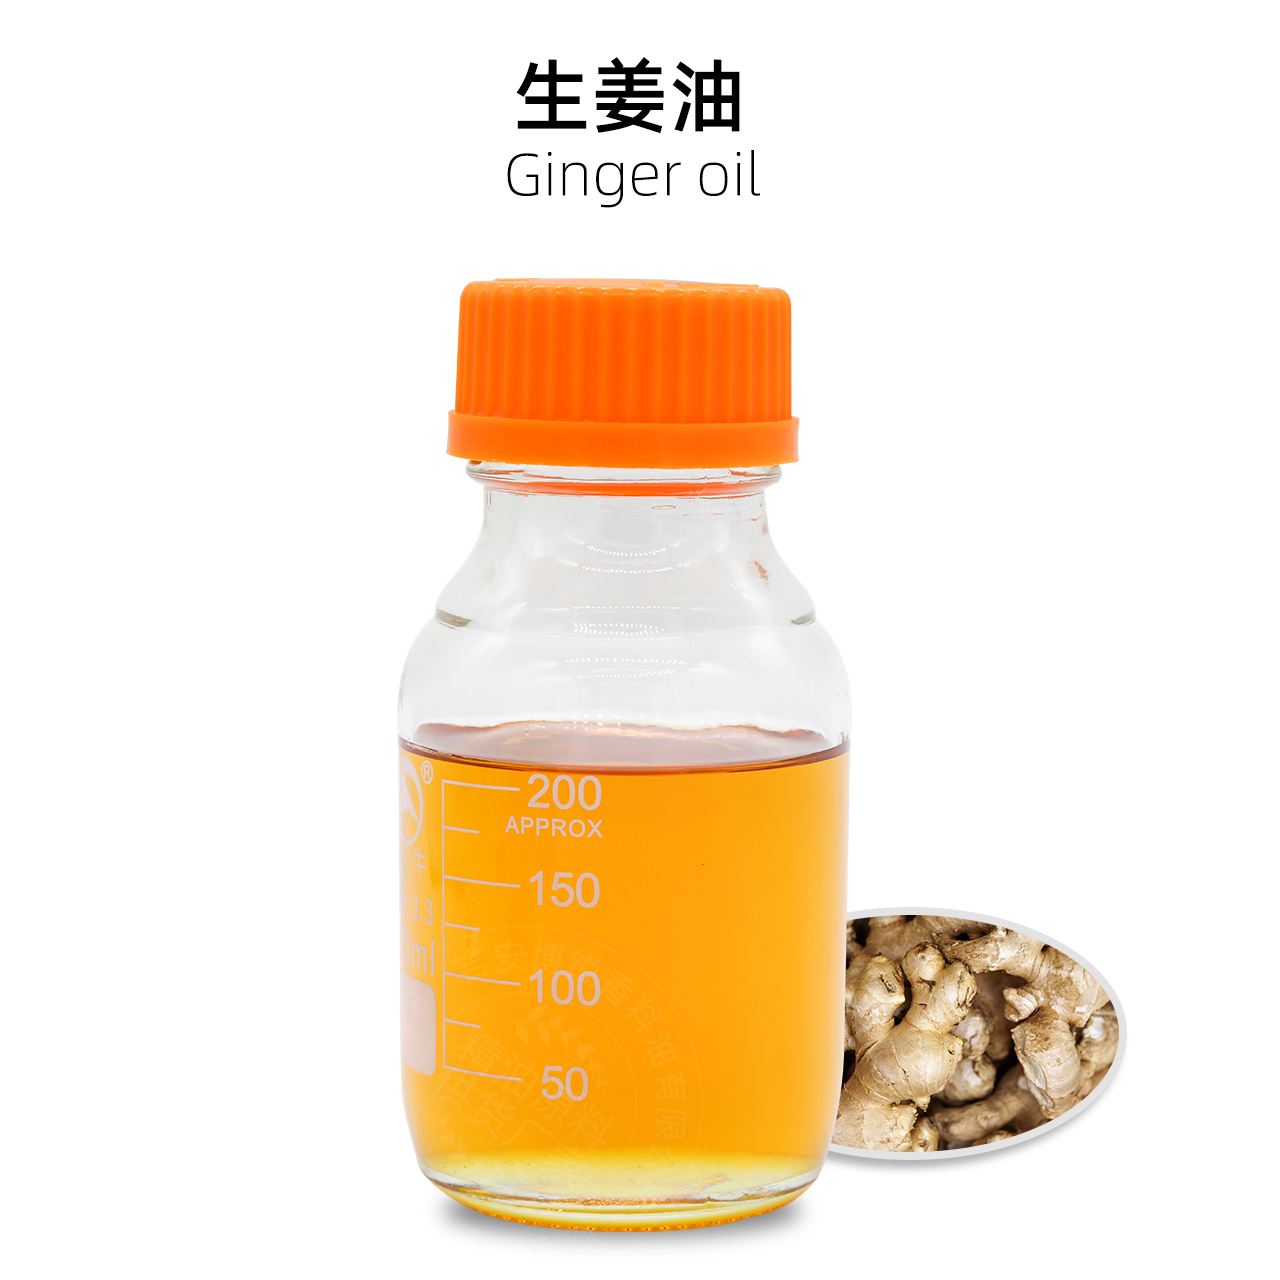 生姜油(蒸馏)